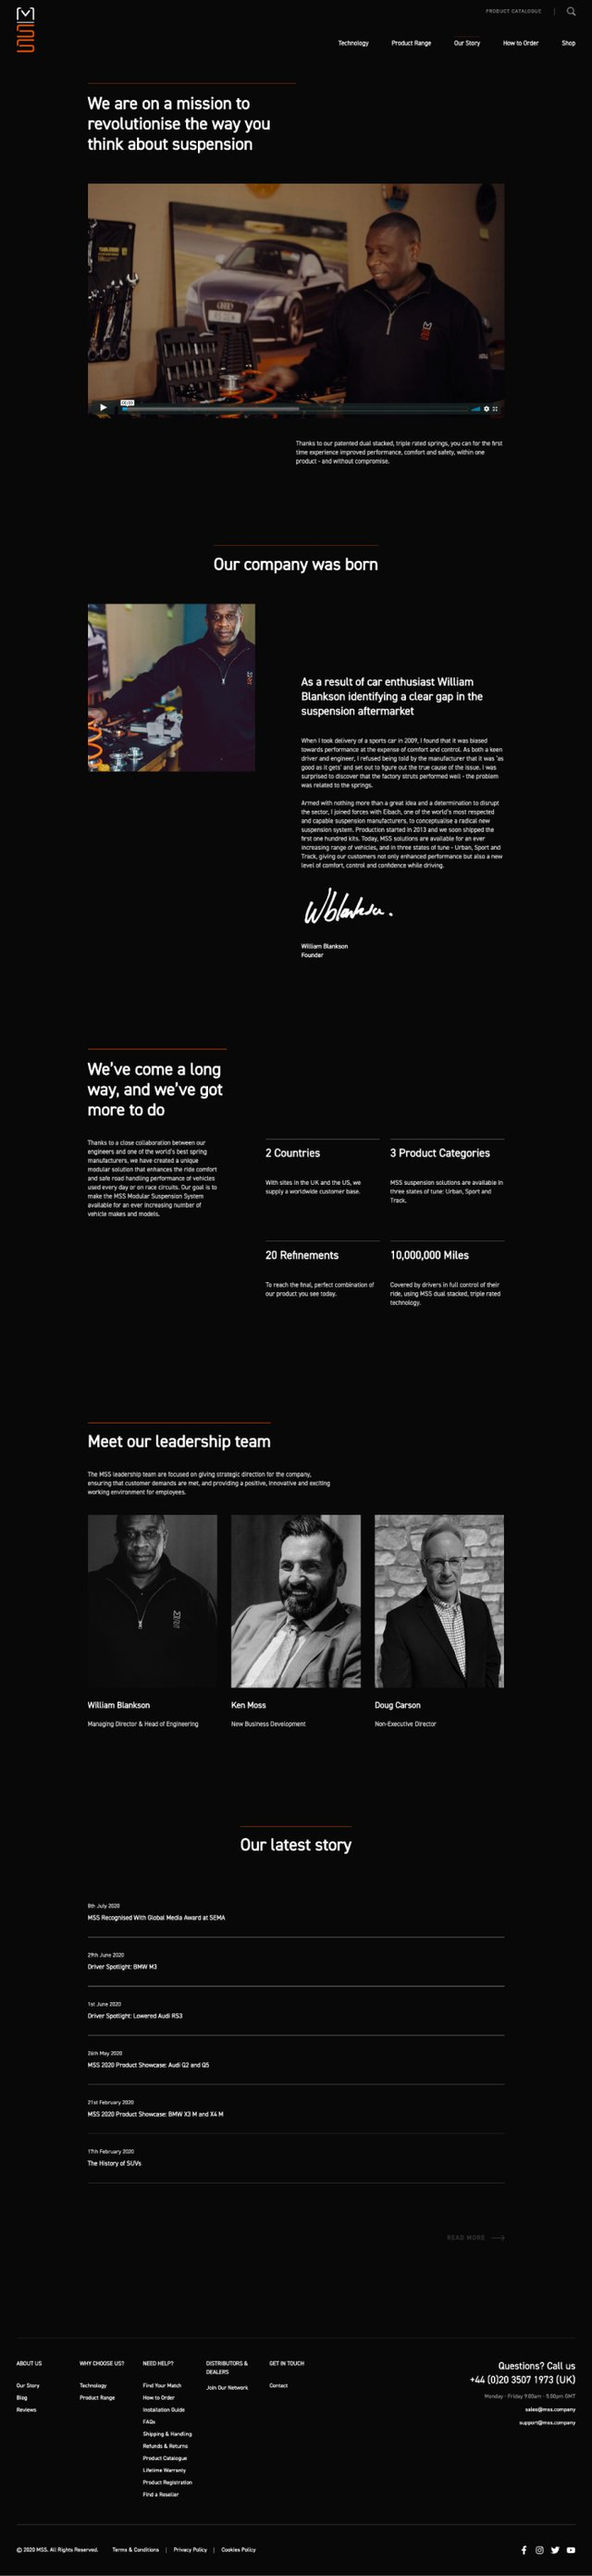 Second screenshot of MSS website